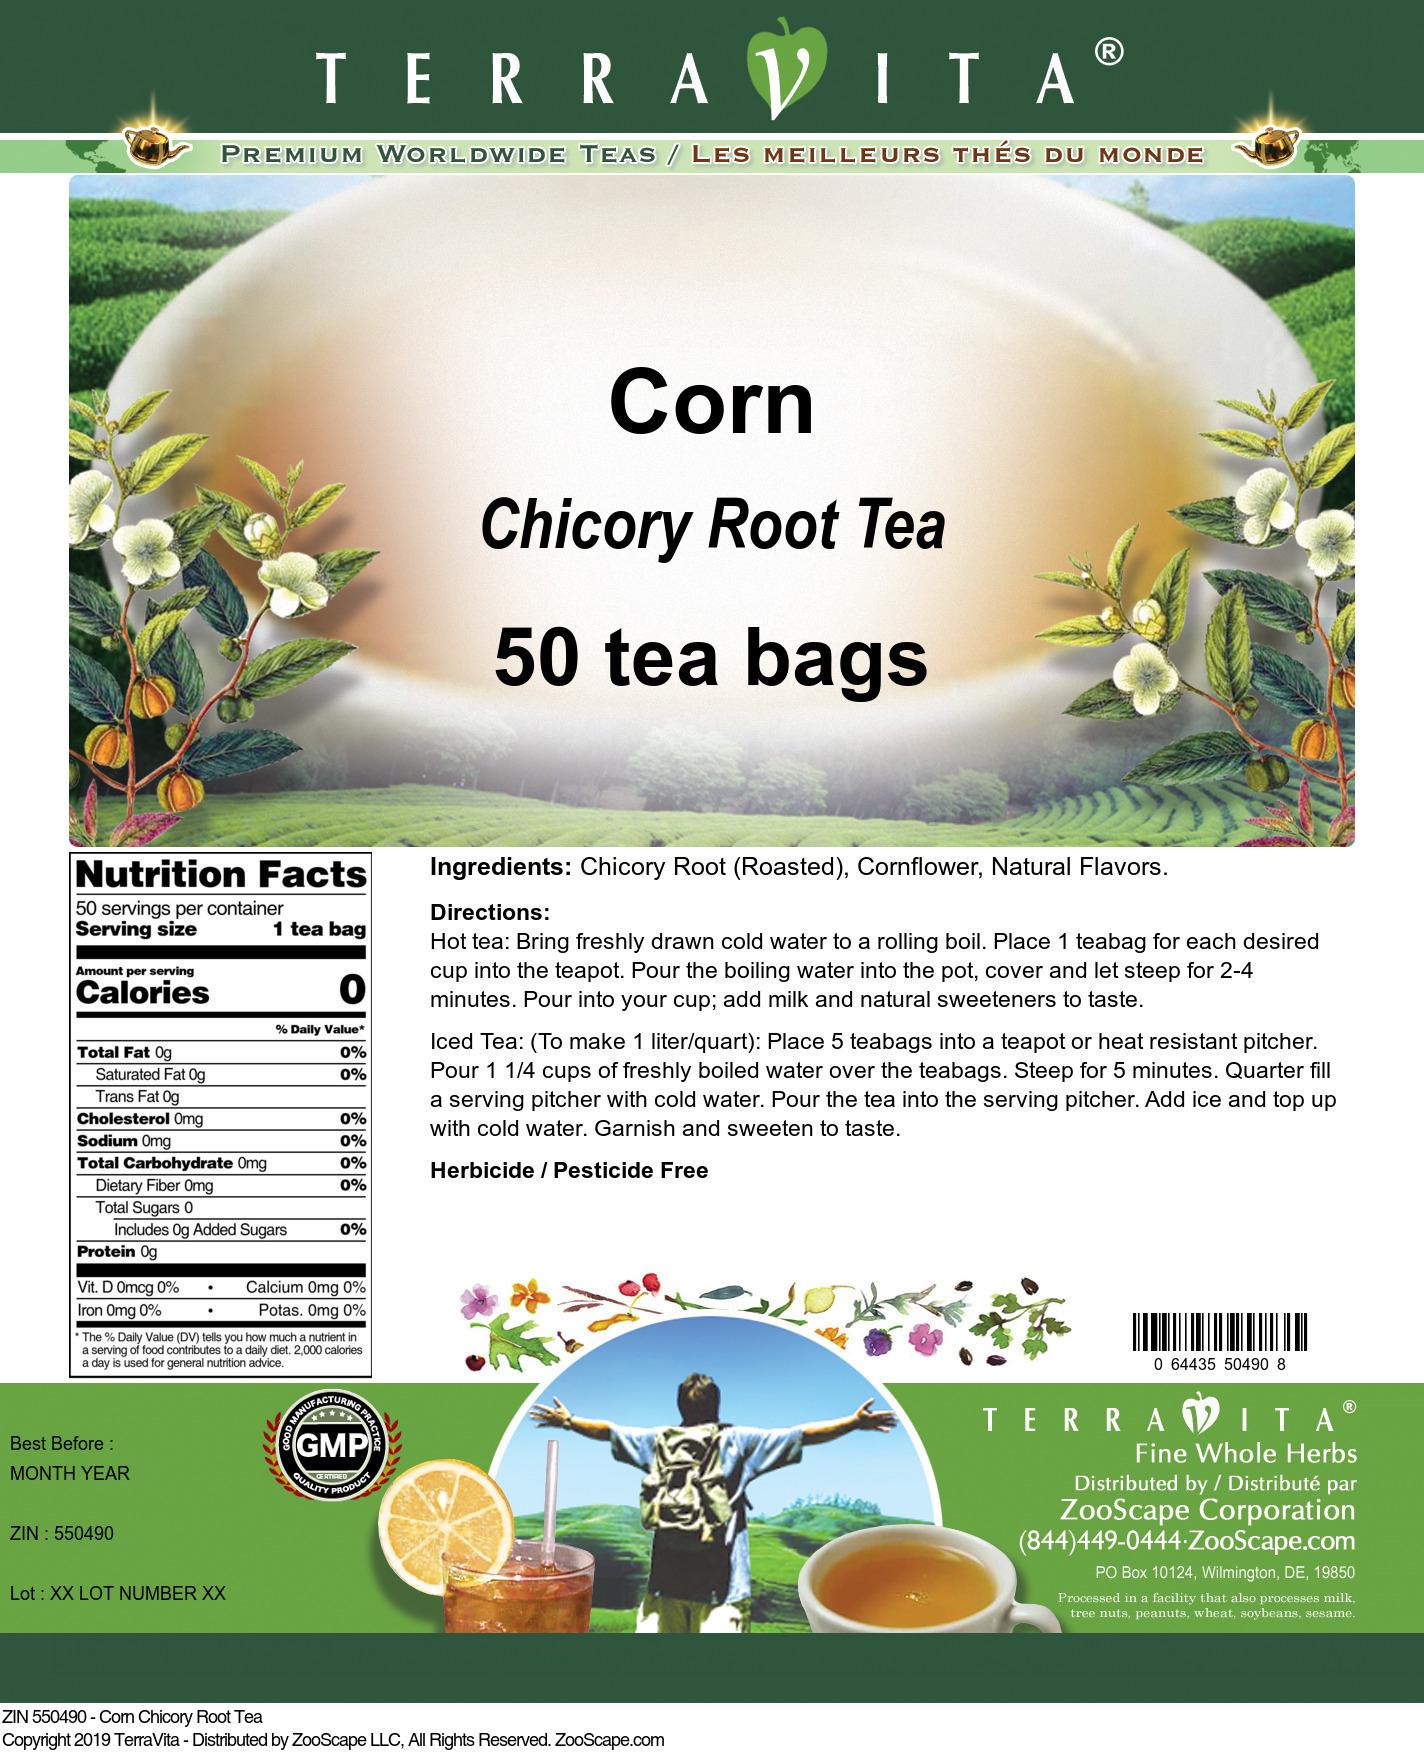 Corn Chicory Root